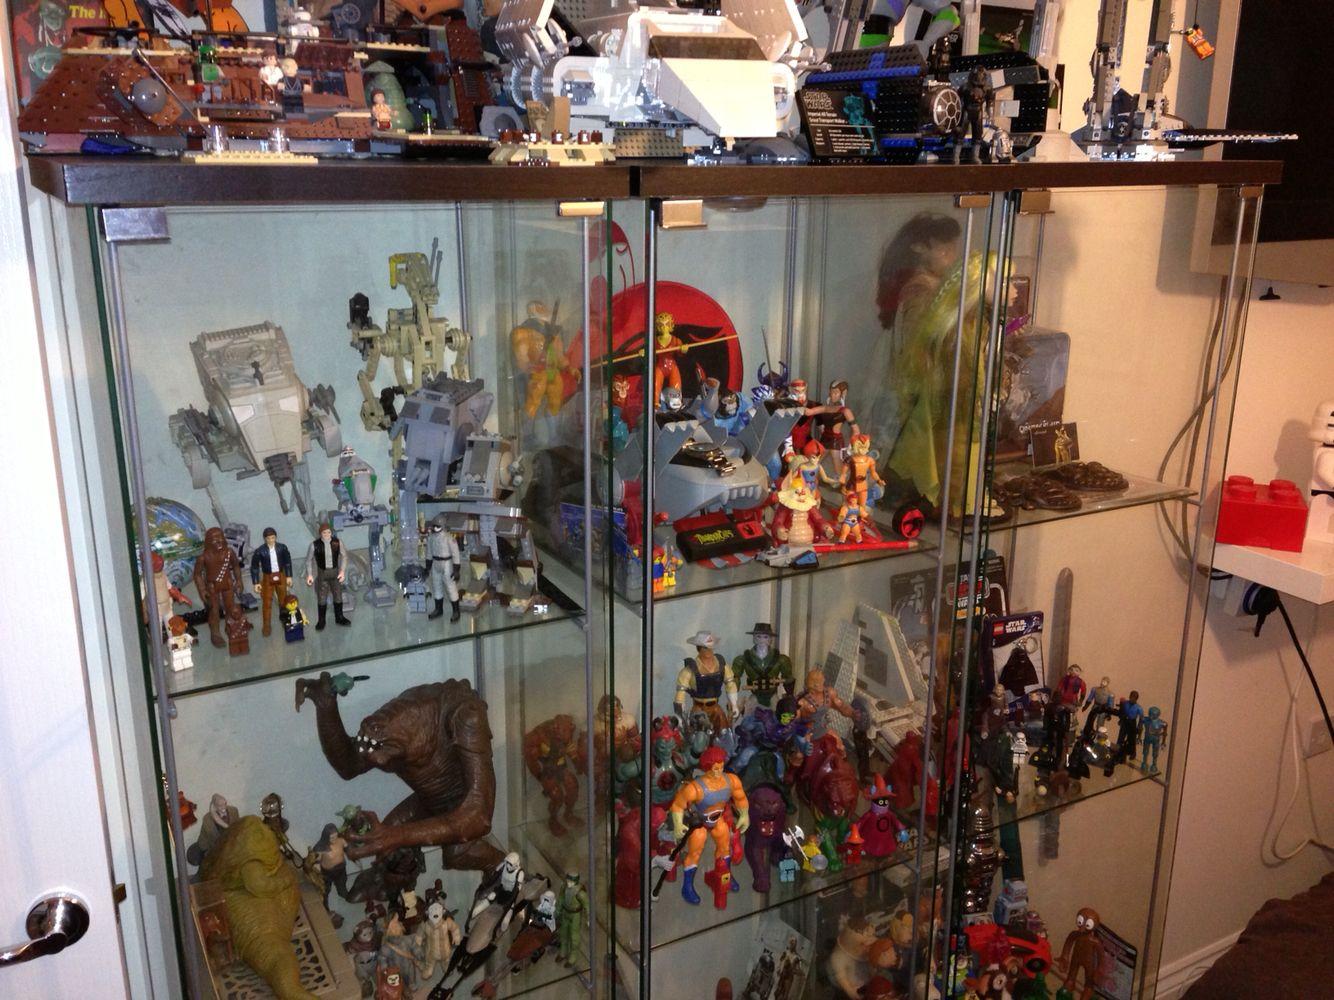 80 Toy Action Figure Shelves - 658b258de2024cab4ee14ed15ef4887d_Beautiful 80 Toy Action Figure Shelves - 658b258de2024cab4ee14ed15ef4887d  Pic_335359.jpg